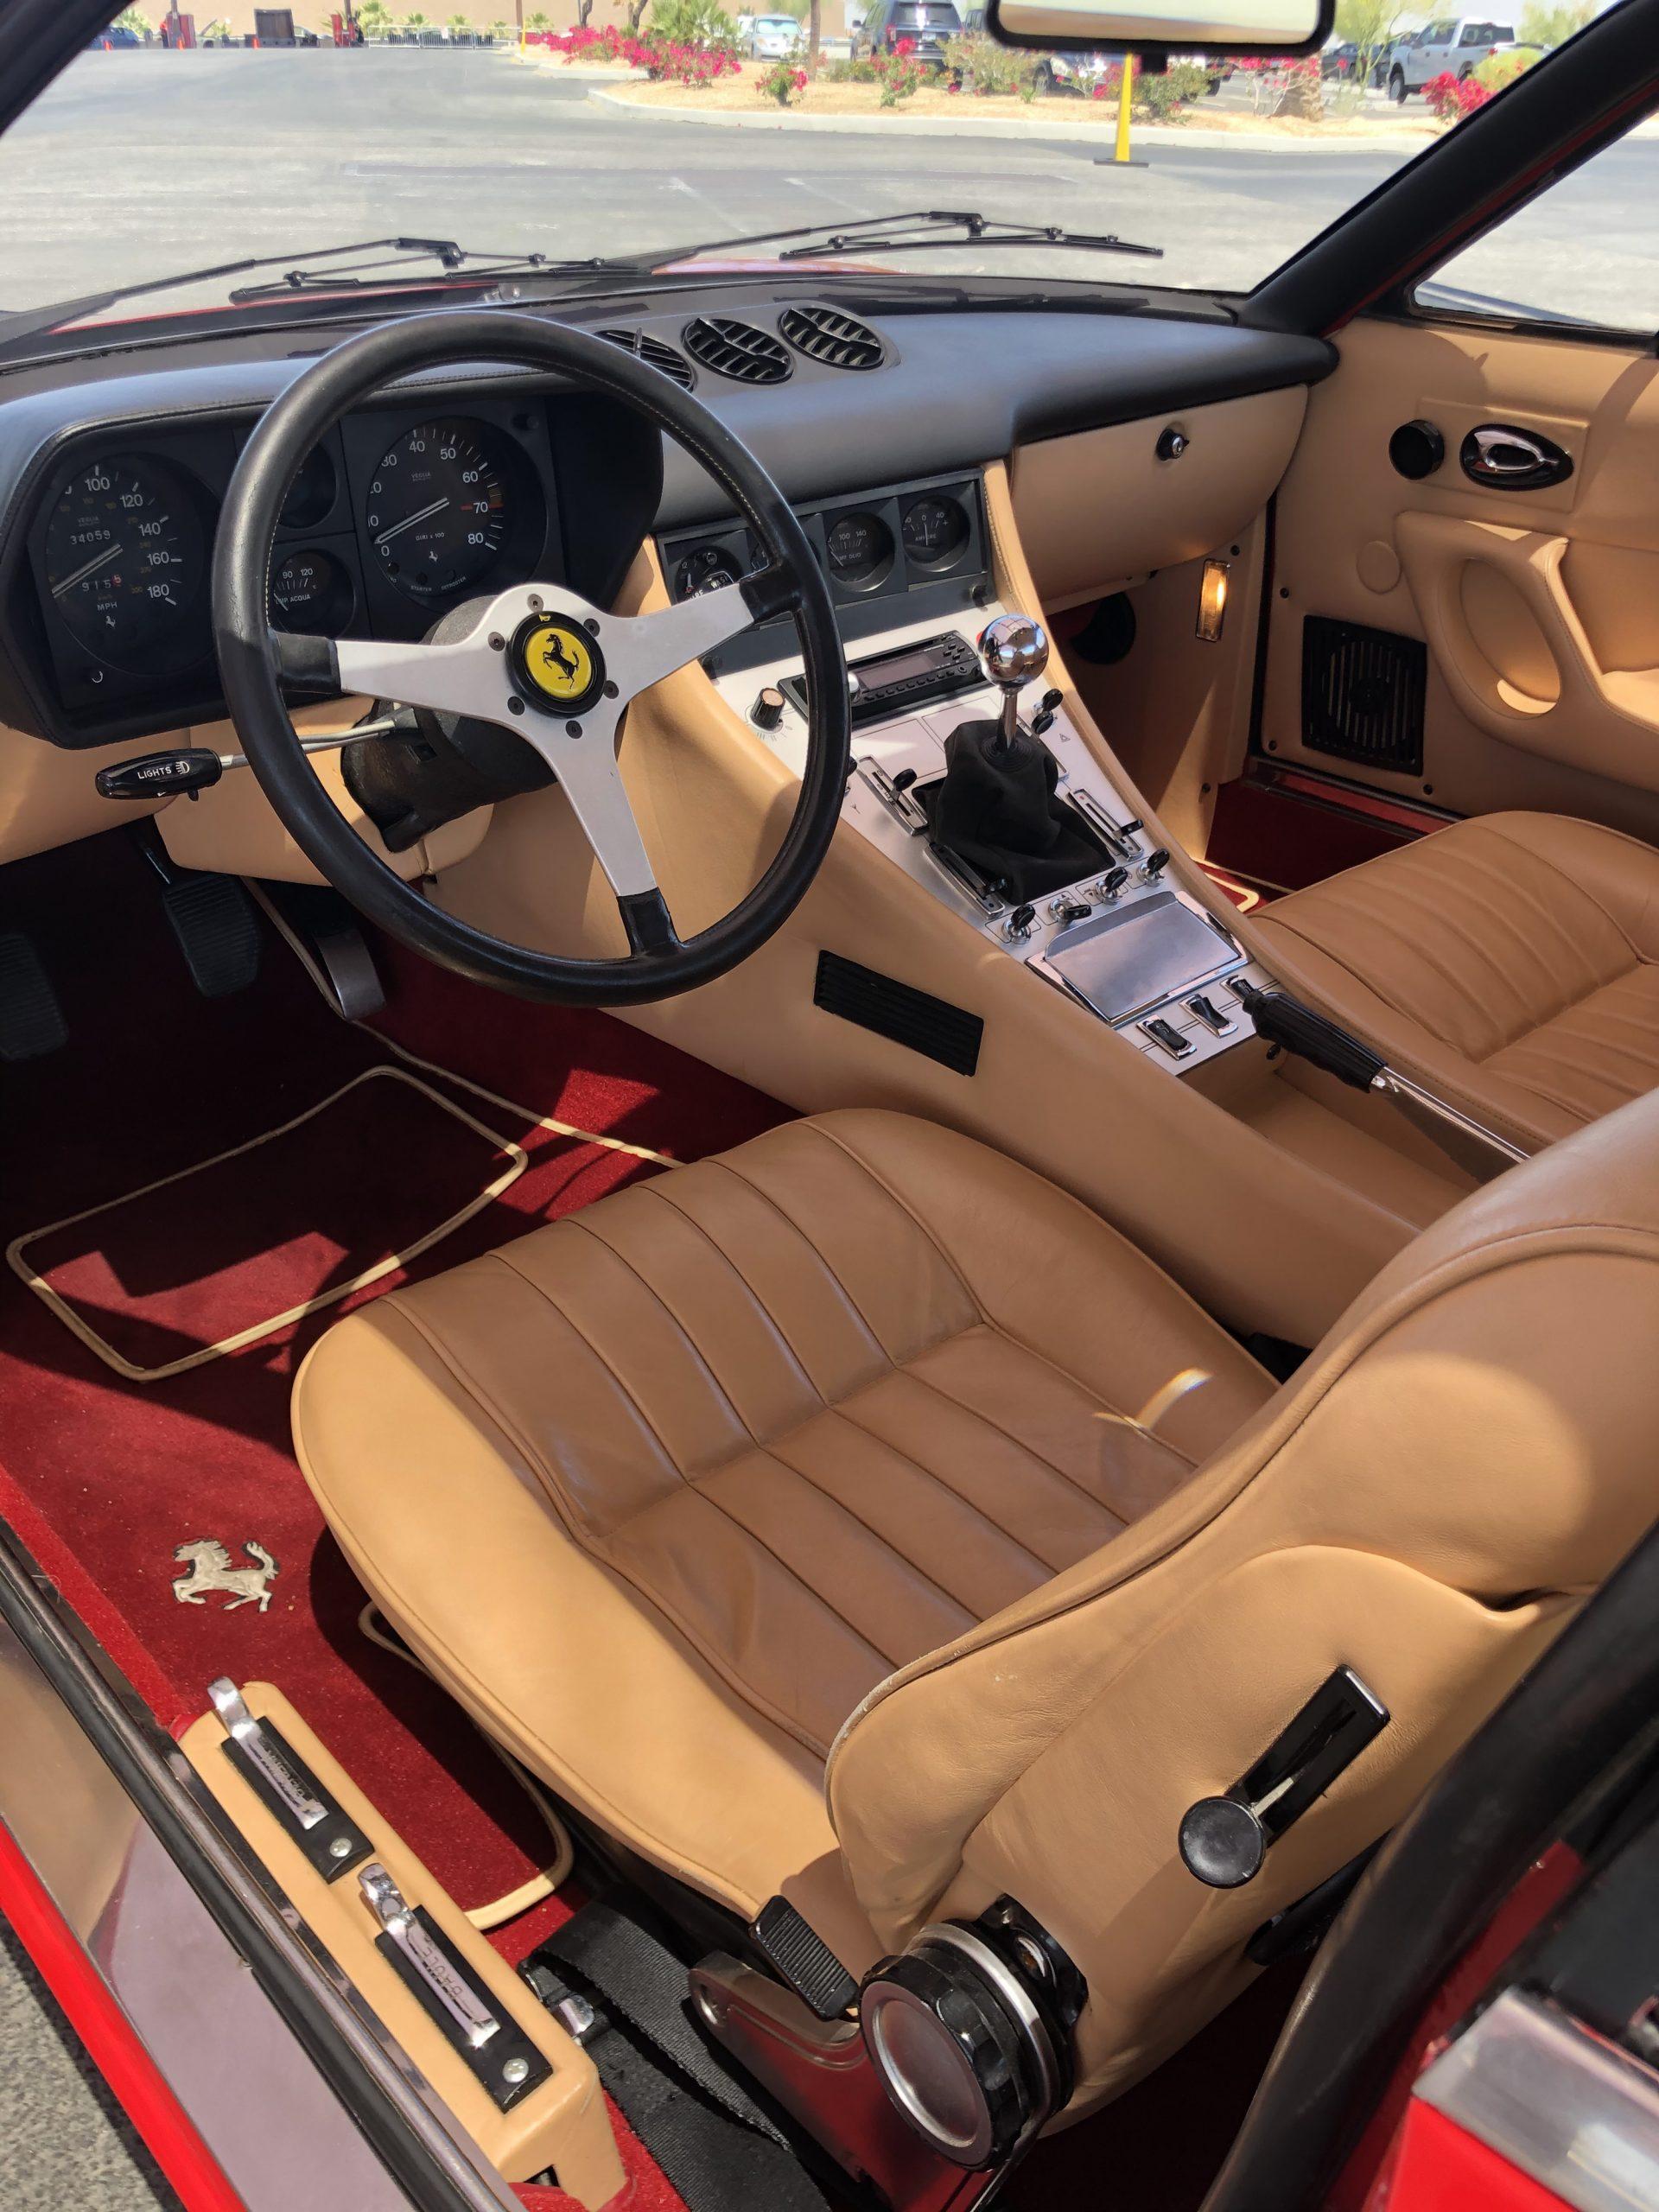 1971 Ferrari 365 GTC/4 by Pininfarina interior